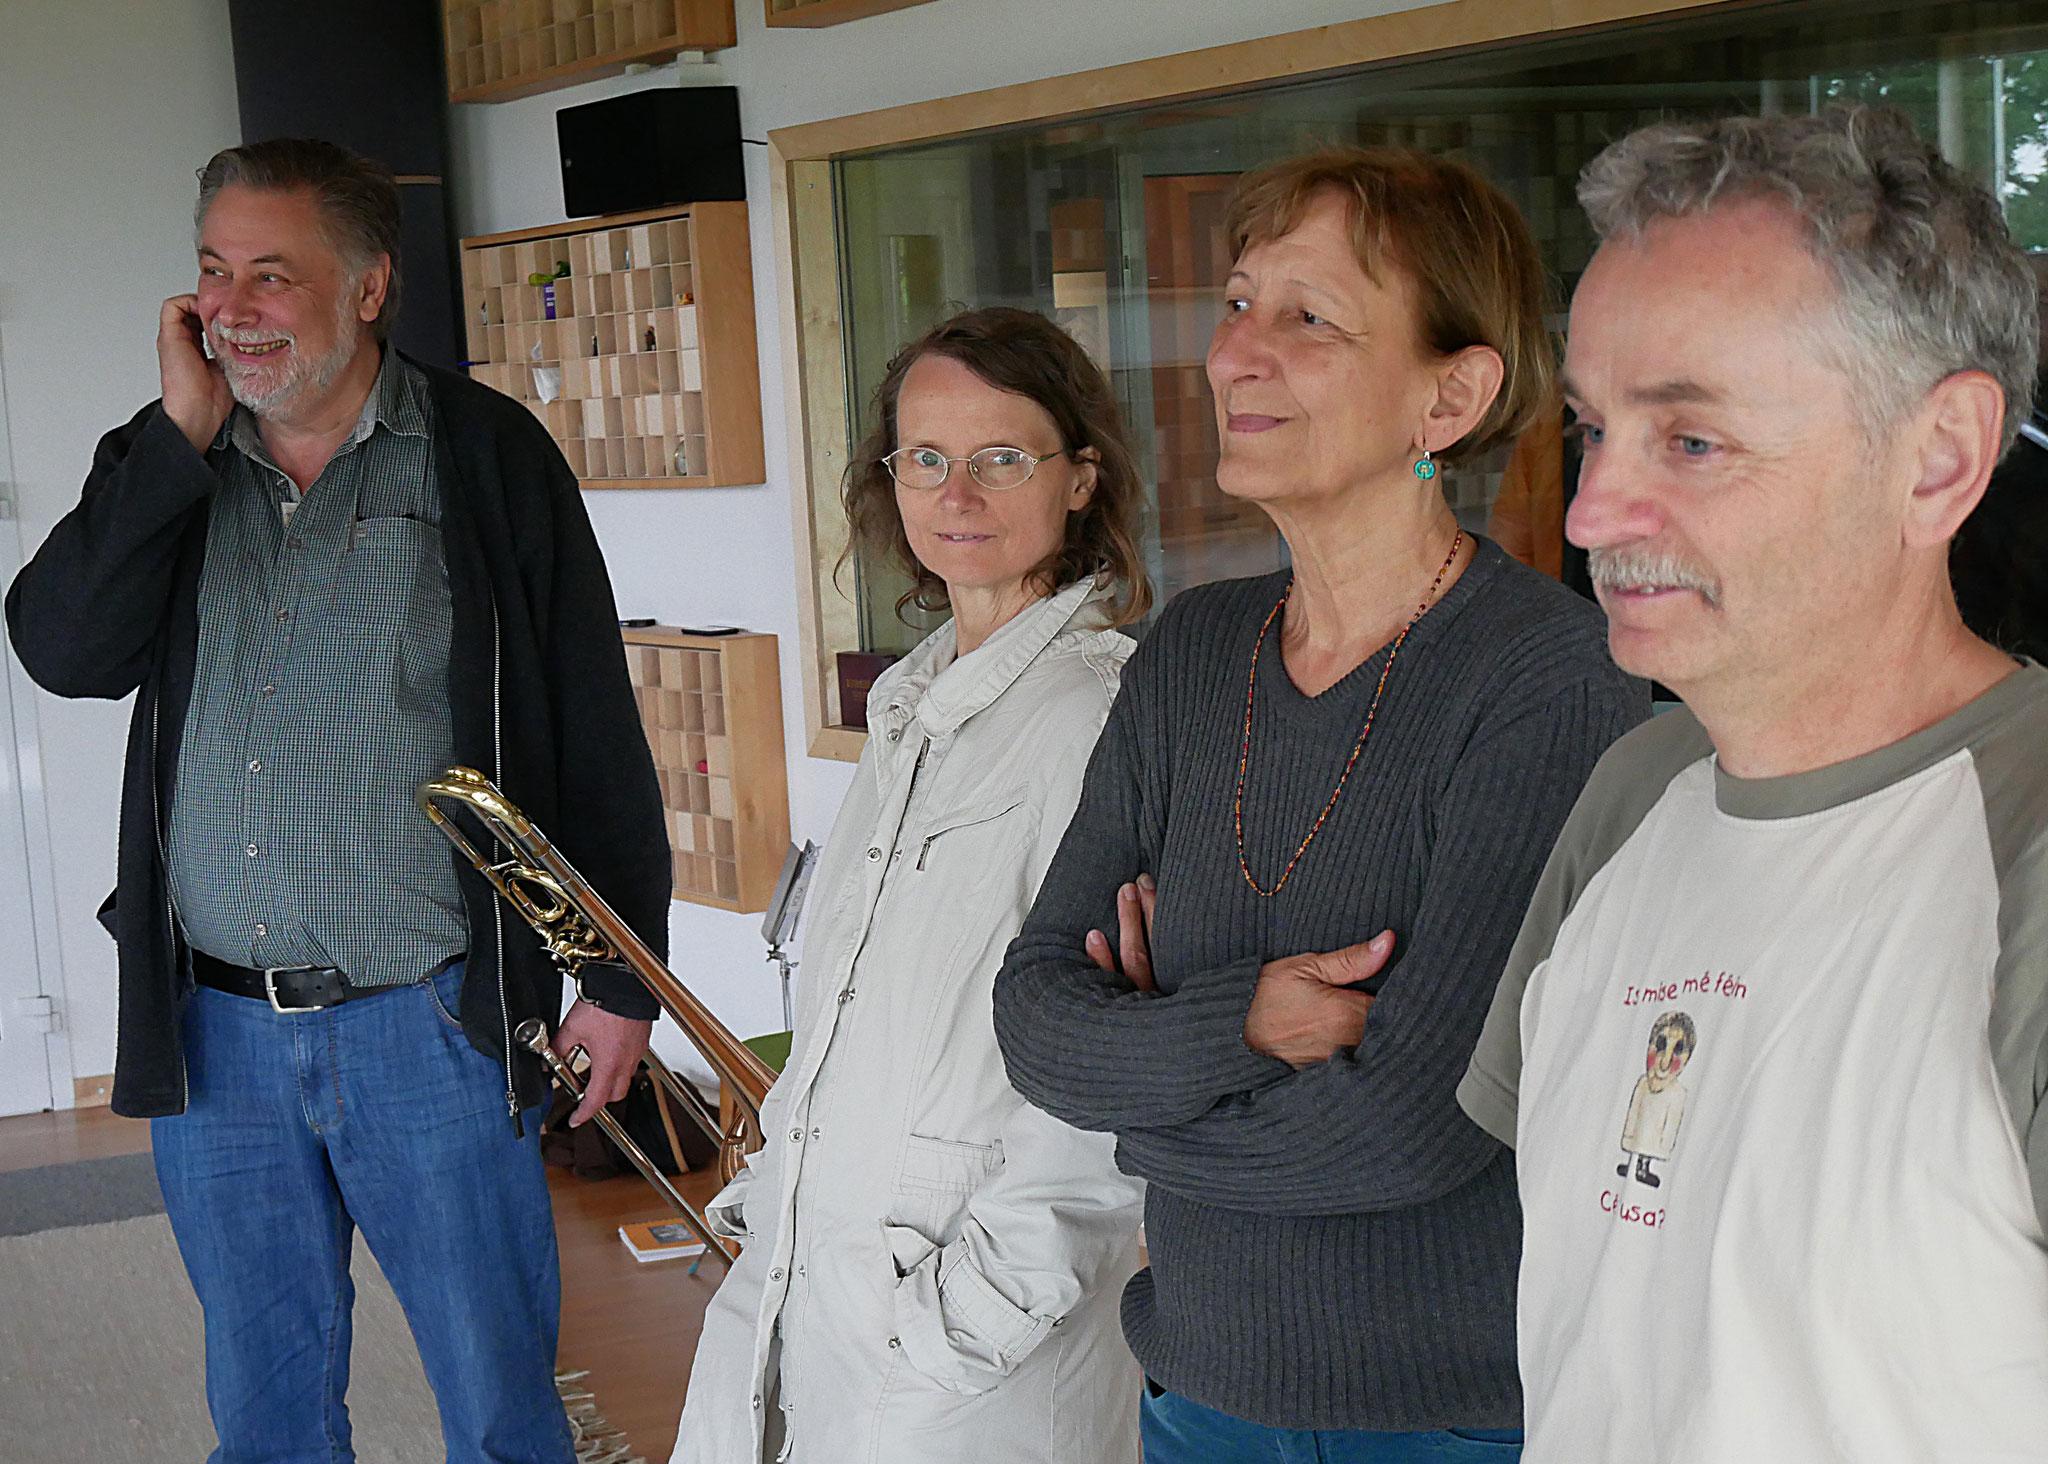 die Karawane im Studio - MitSing - Konzert Foto: Oliver Schirmer